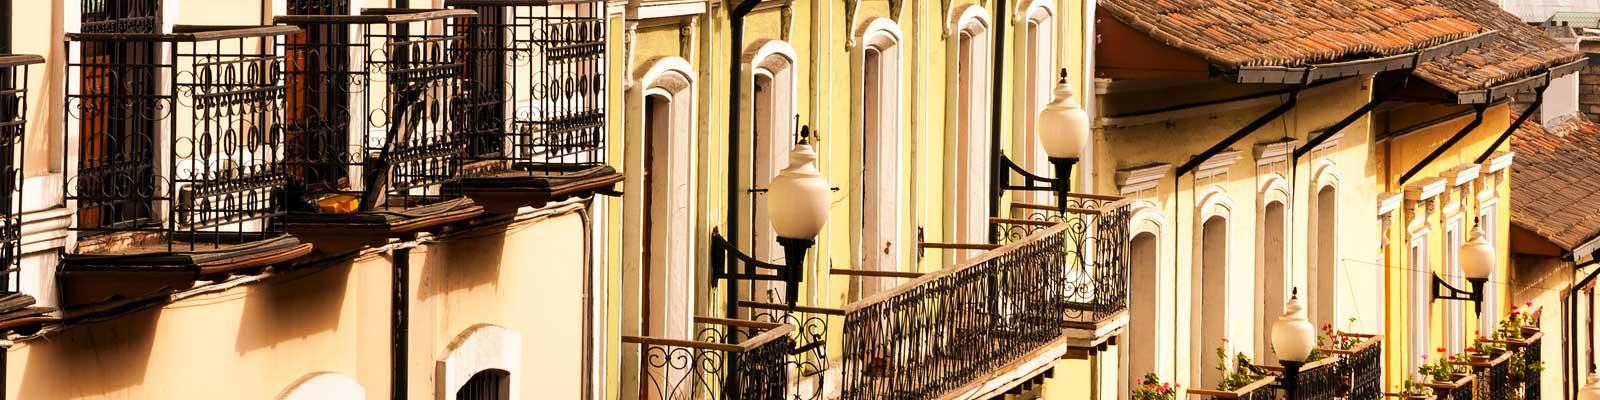 Ecuador Casas com Varanda Quartos, Banhos, Mobiliada. Casas para construir.